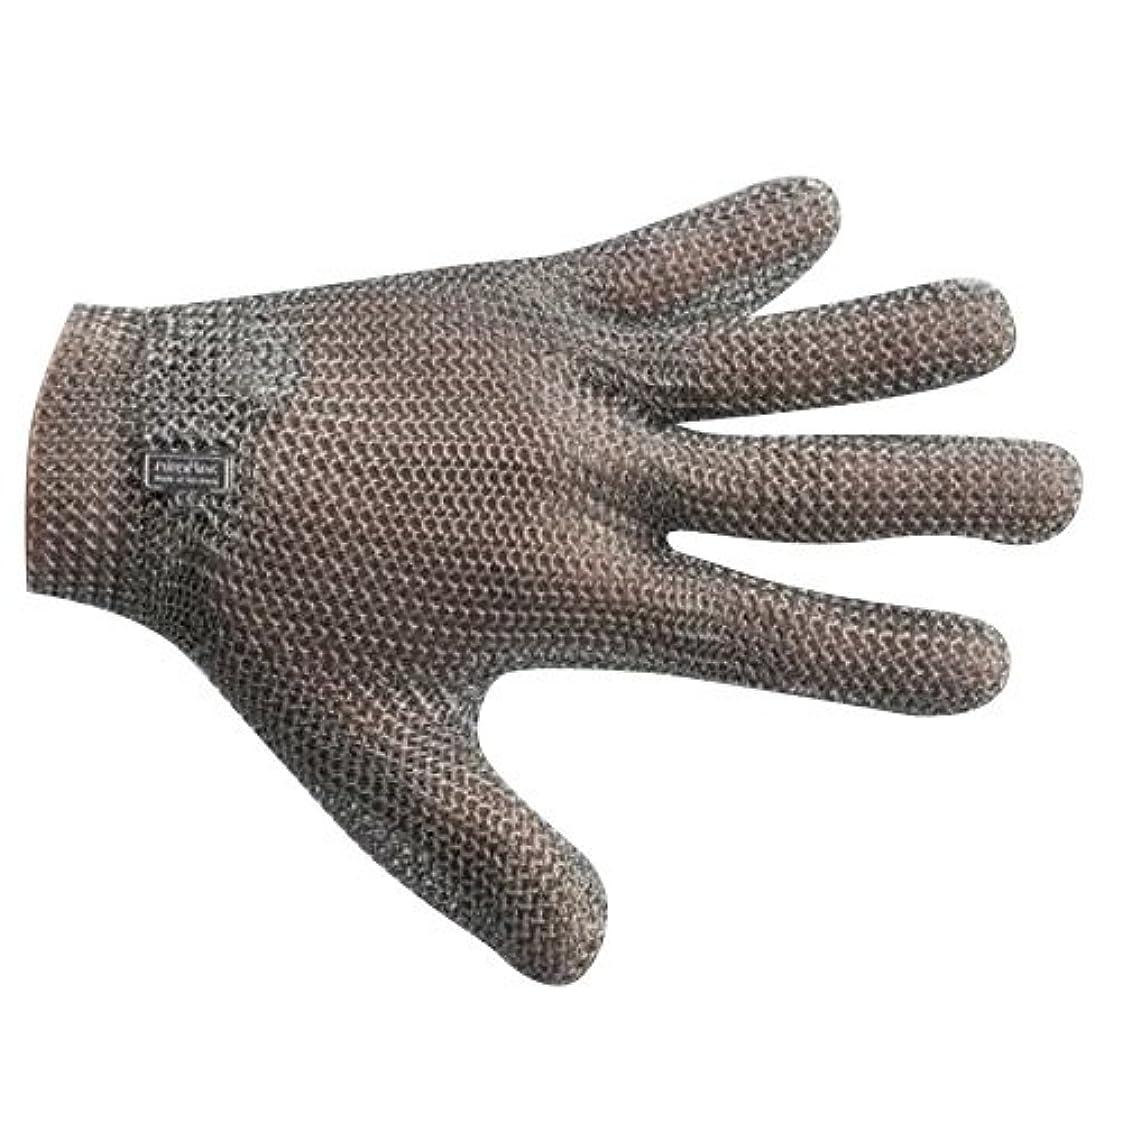 横たわるラグ版宇都宮製作 GU-2500 ステンレスメッシュ手袋 5本指(左右兼用) S